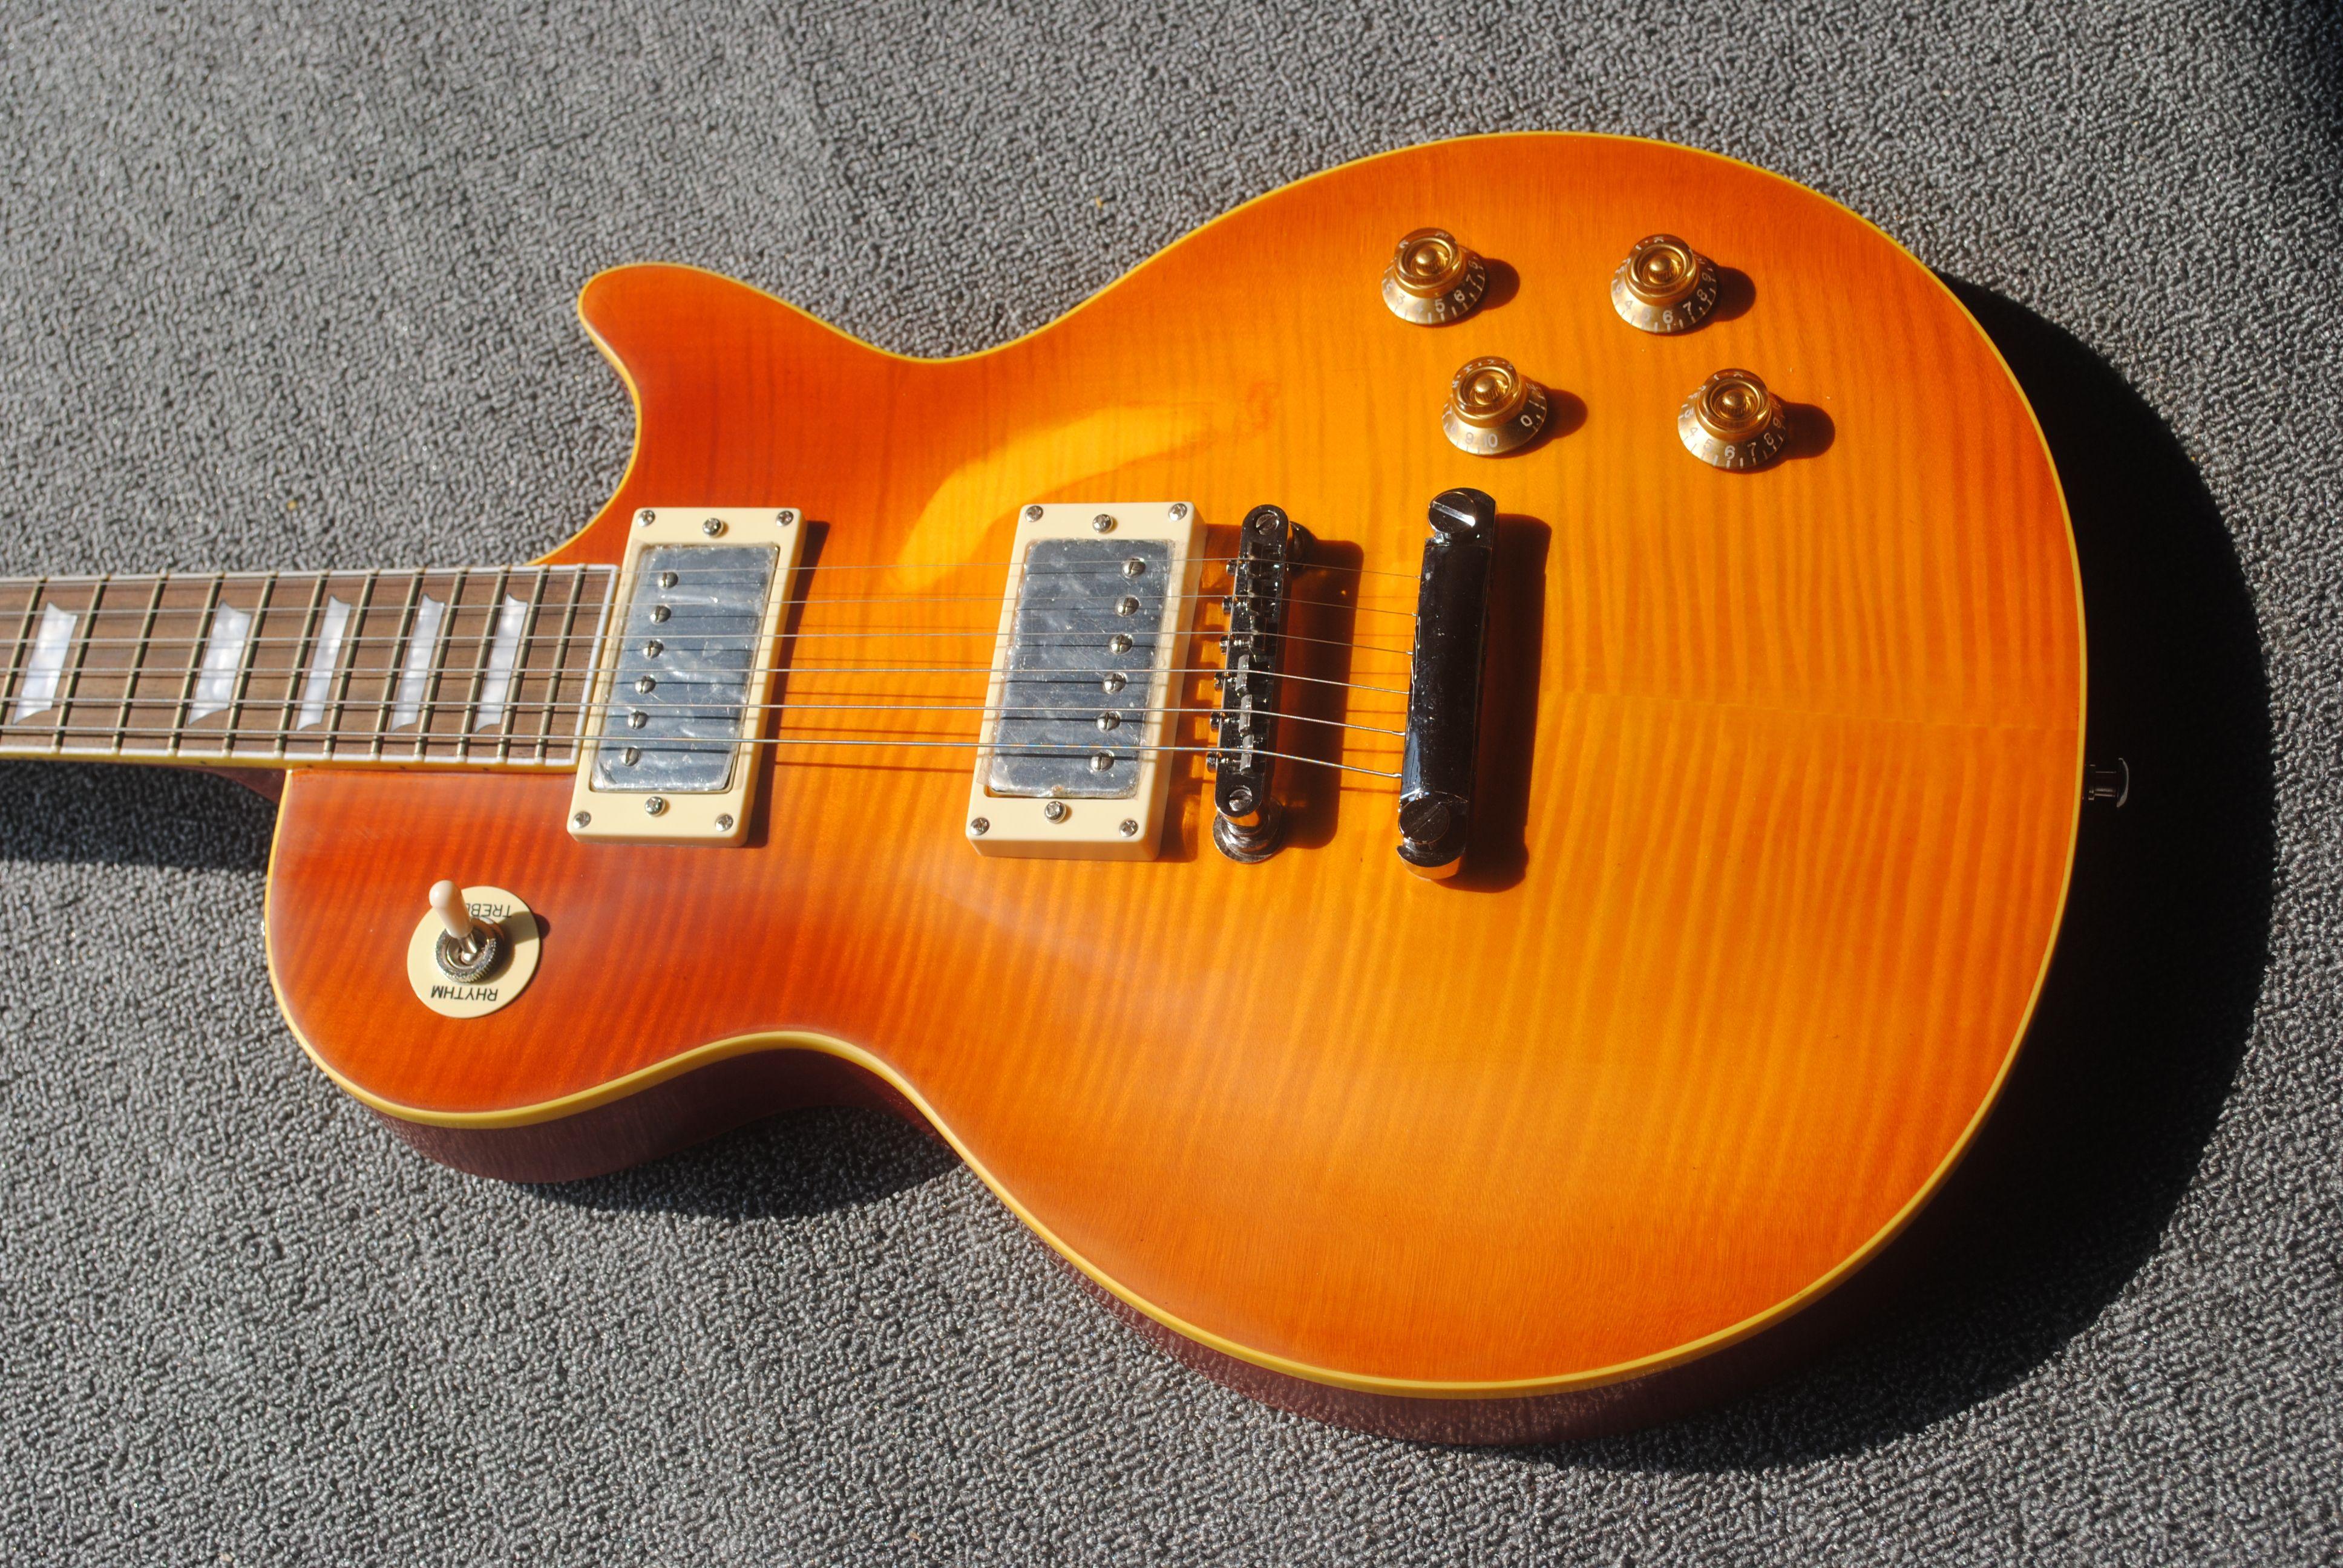 Hecho en China, la nueva guitarra de Tiger Top, Amarillo LP, puede personalizar todo tipo de guitarra eléctrica, entrega gratuita 112